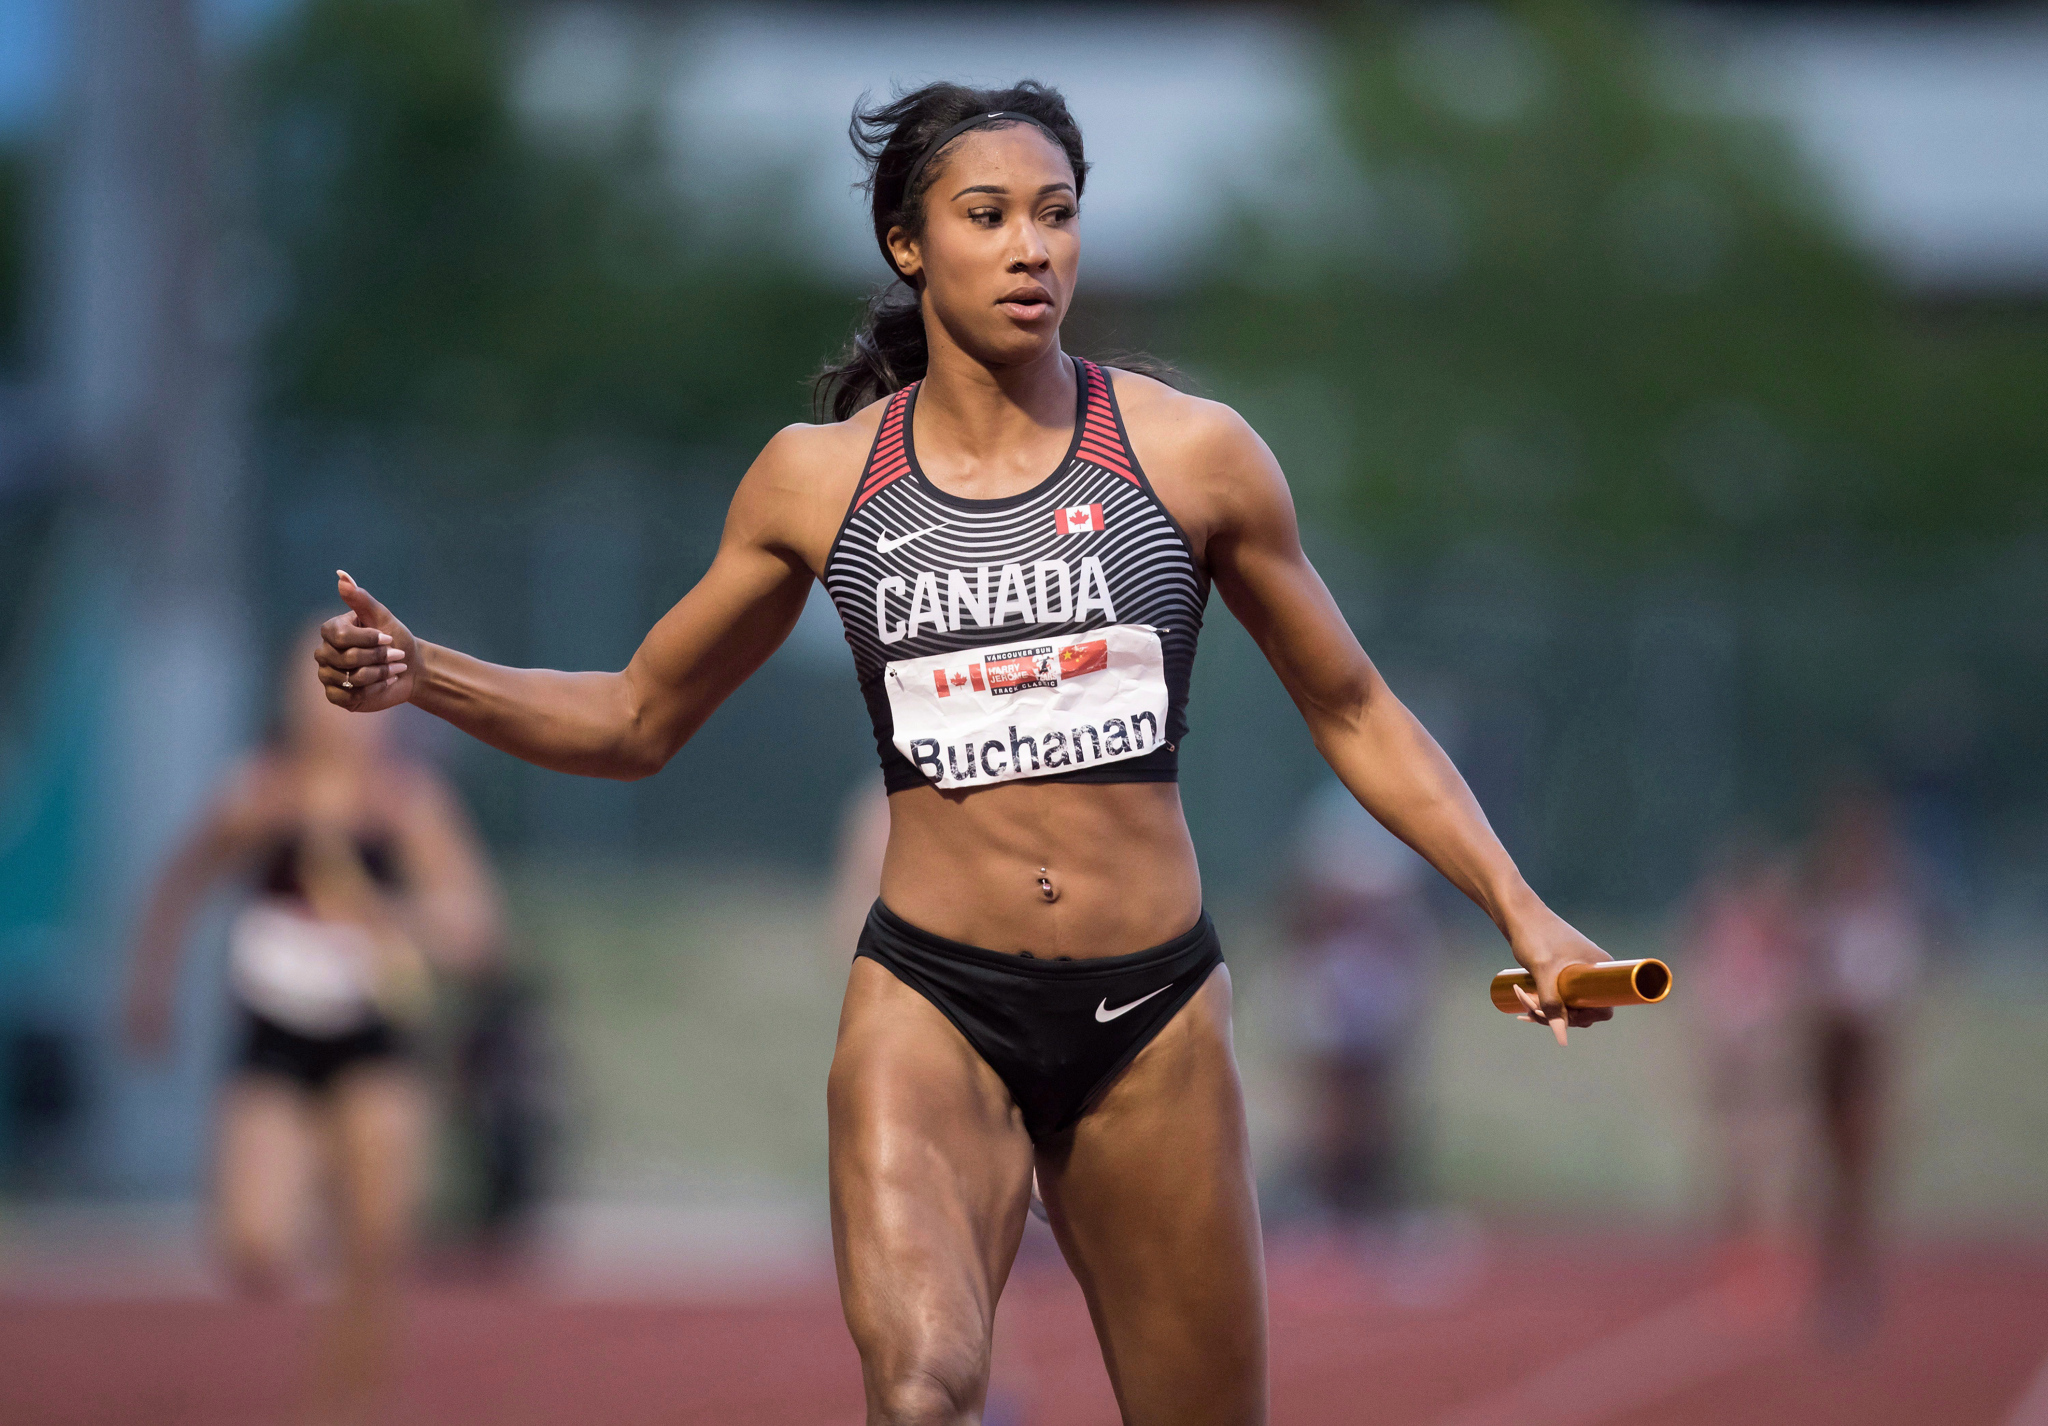 Leya Buchanan de Toronto regarde la piste après avoir couru et obtenu une 2e place derrière la Chine au relais 4 x 100 mètre du Harry Jerome International Track Classic, à Burnaby, C.-B. le 27 juin 2018.